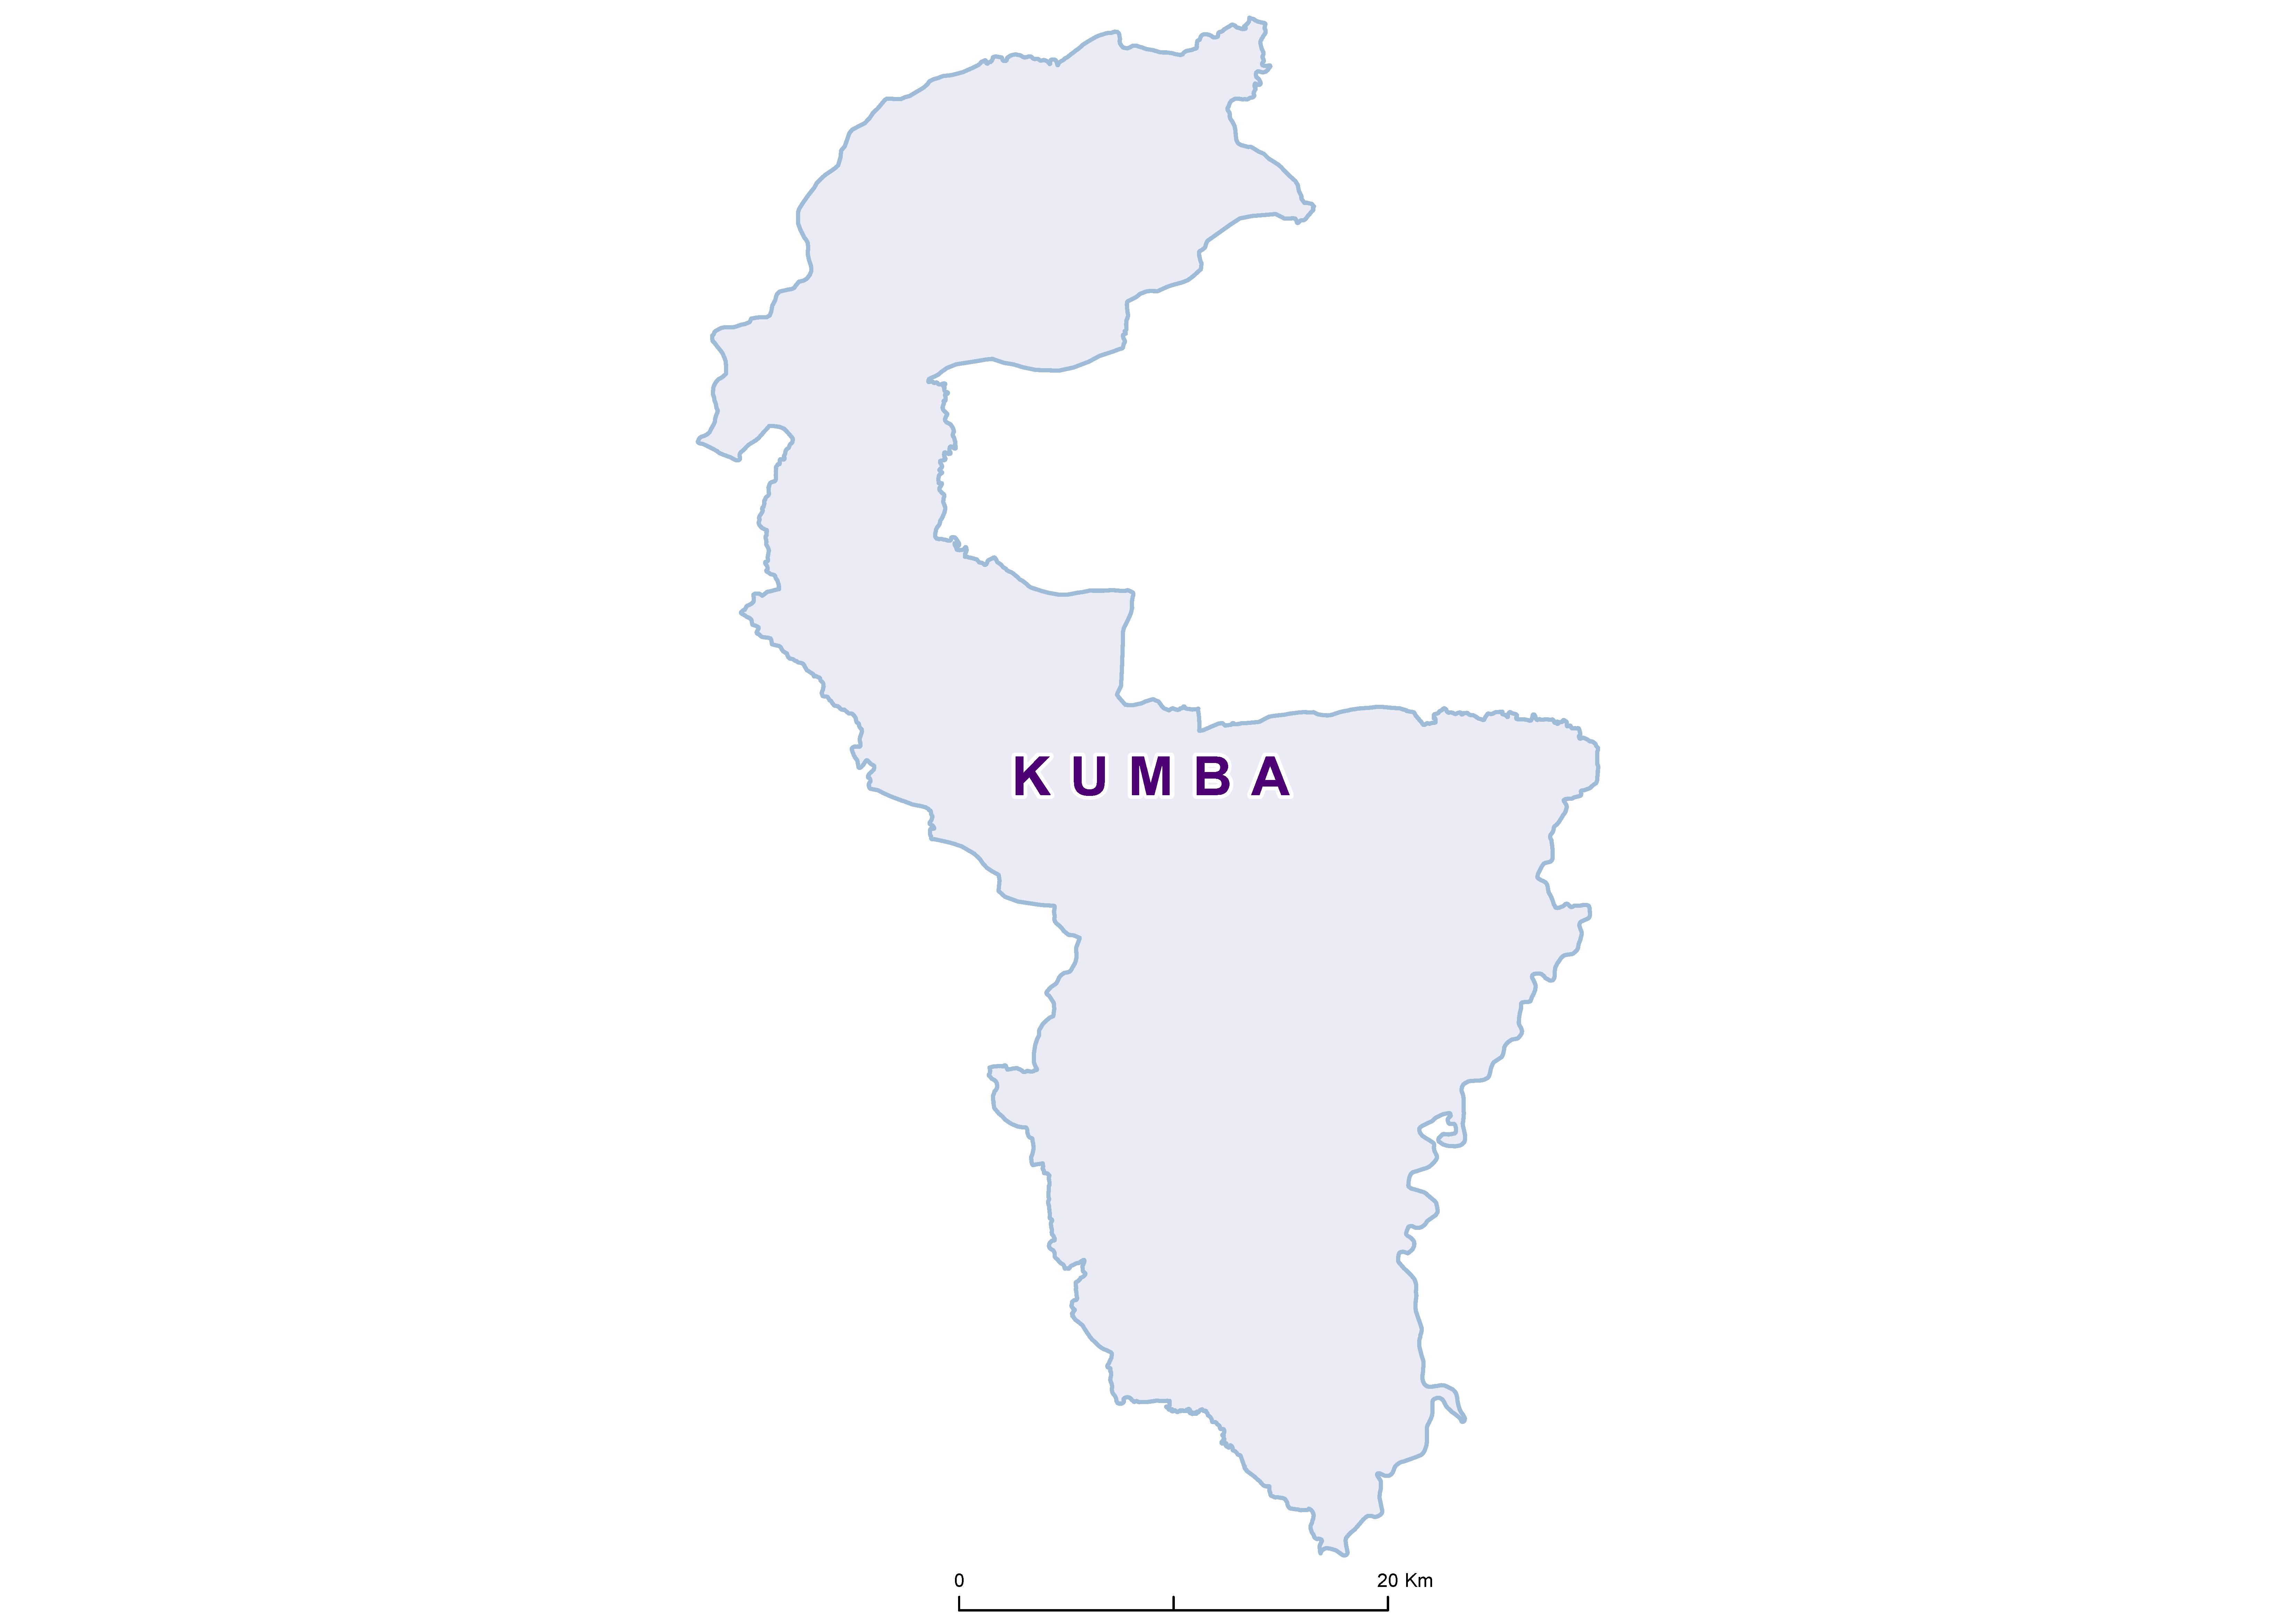 Kumba Mean SCH 19850001